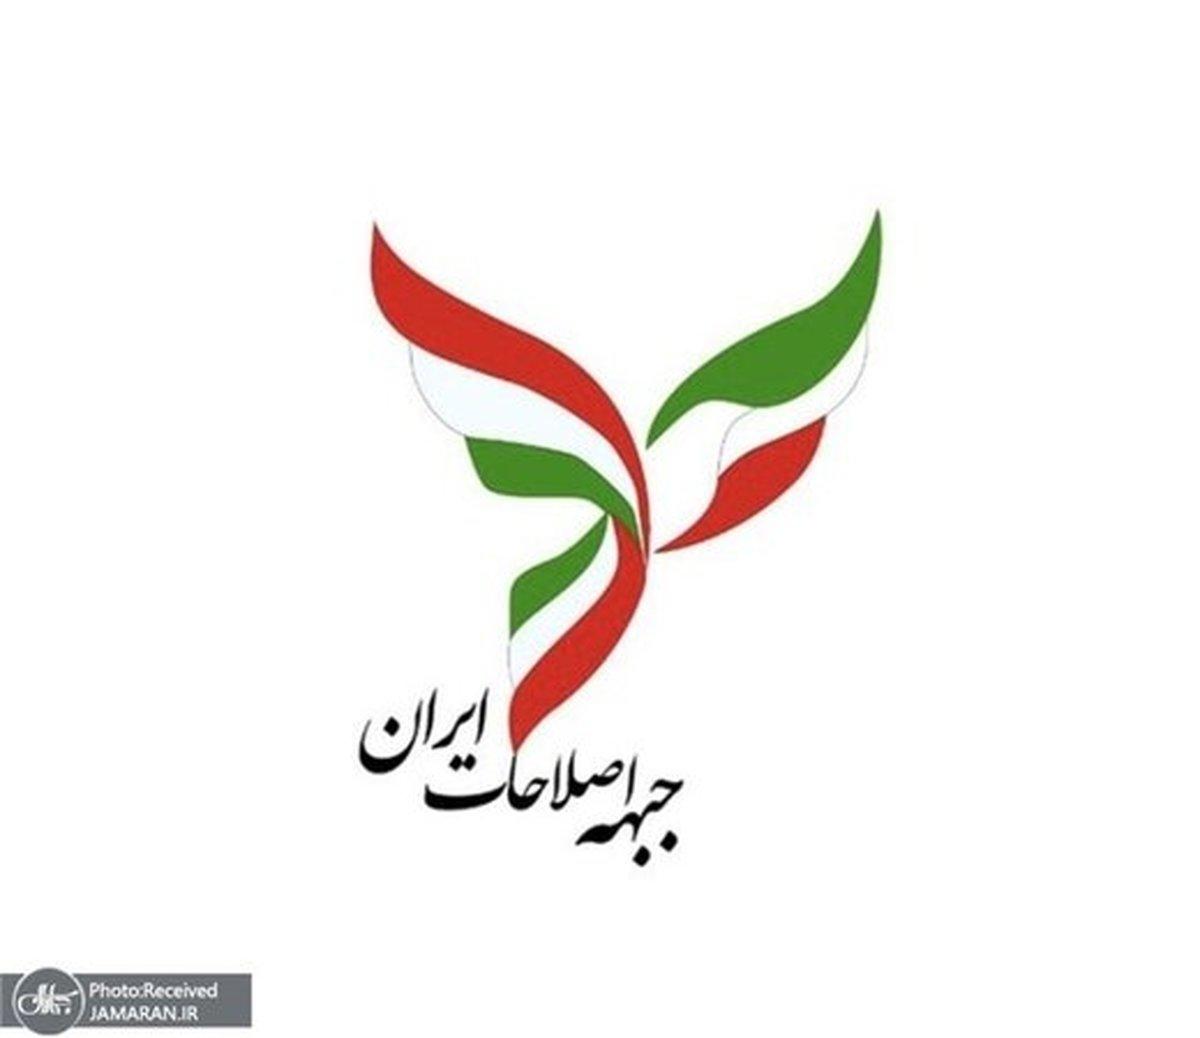 بیانیه انتقادی جبهه اصلاحات درباره نتایج انتخابات ۱۴۰۰